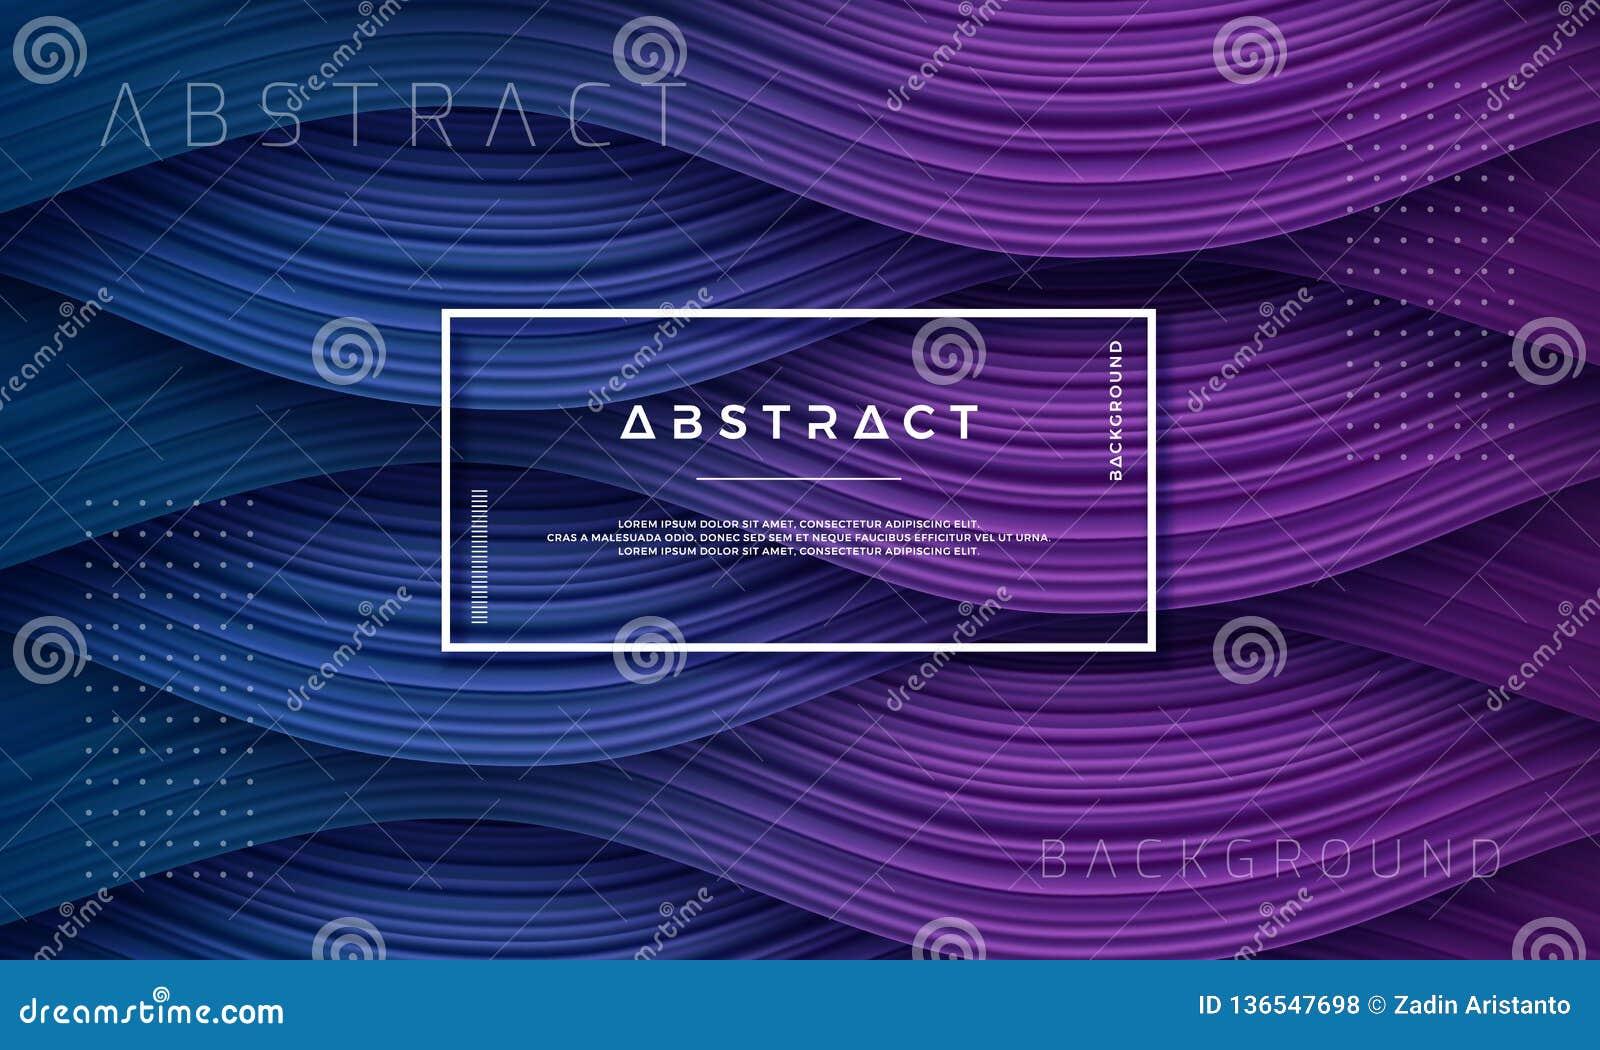 Extracto, fondo púrpura, azul marino dinámico y texturizado para su elemento del diseño y otros